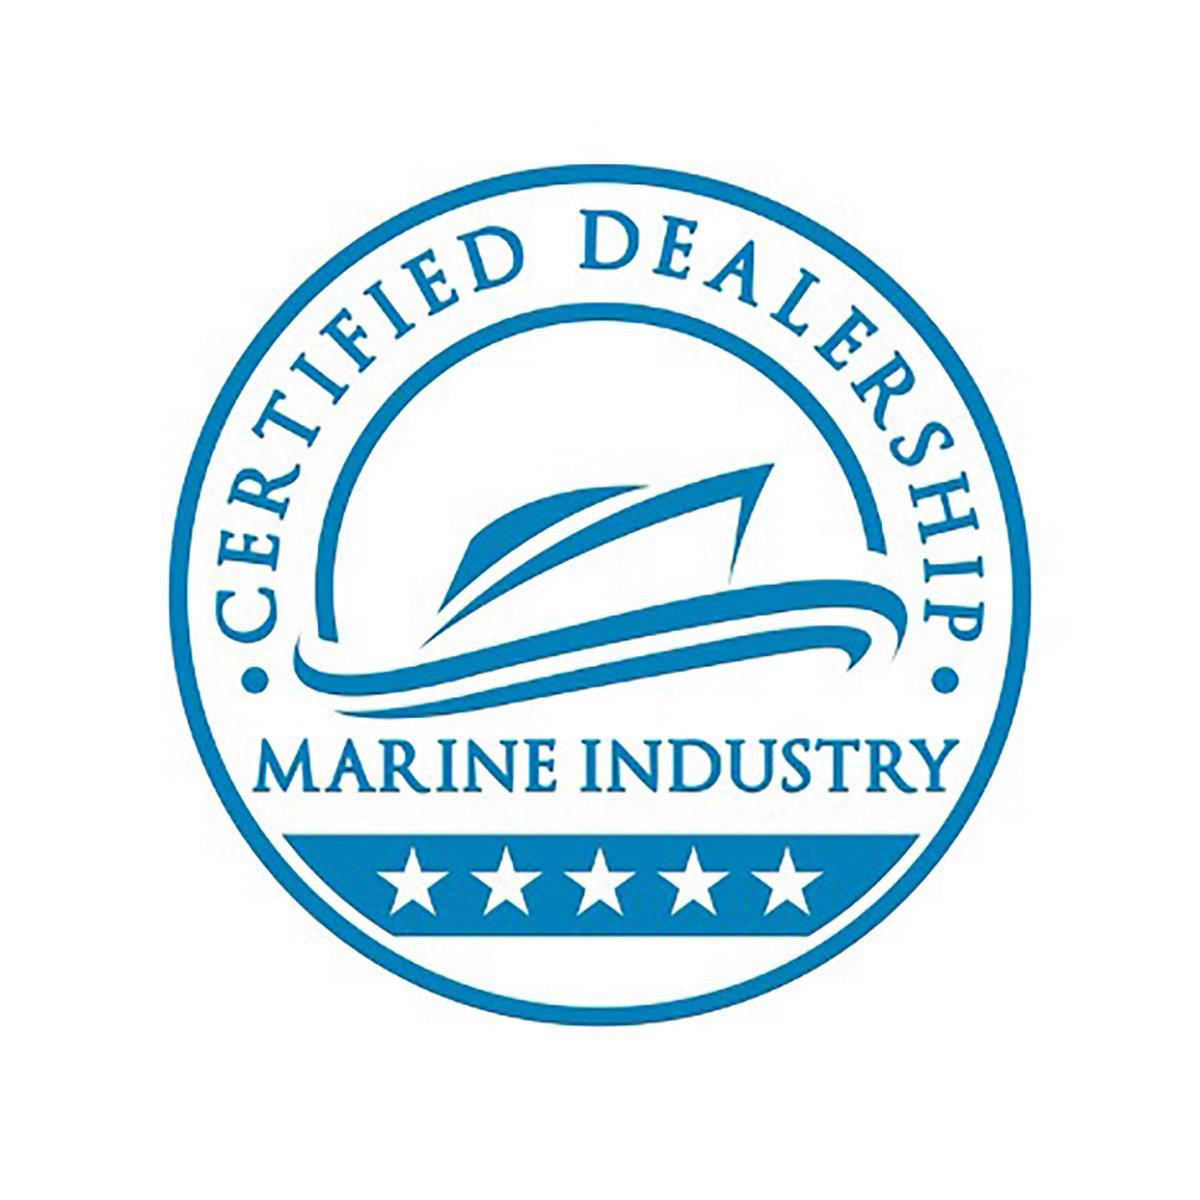 MRAA_Certified Dealer logo